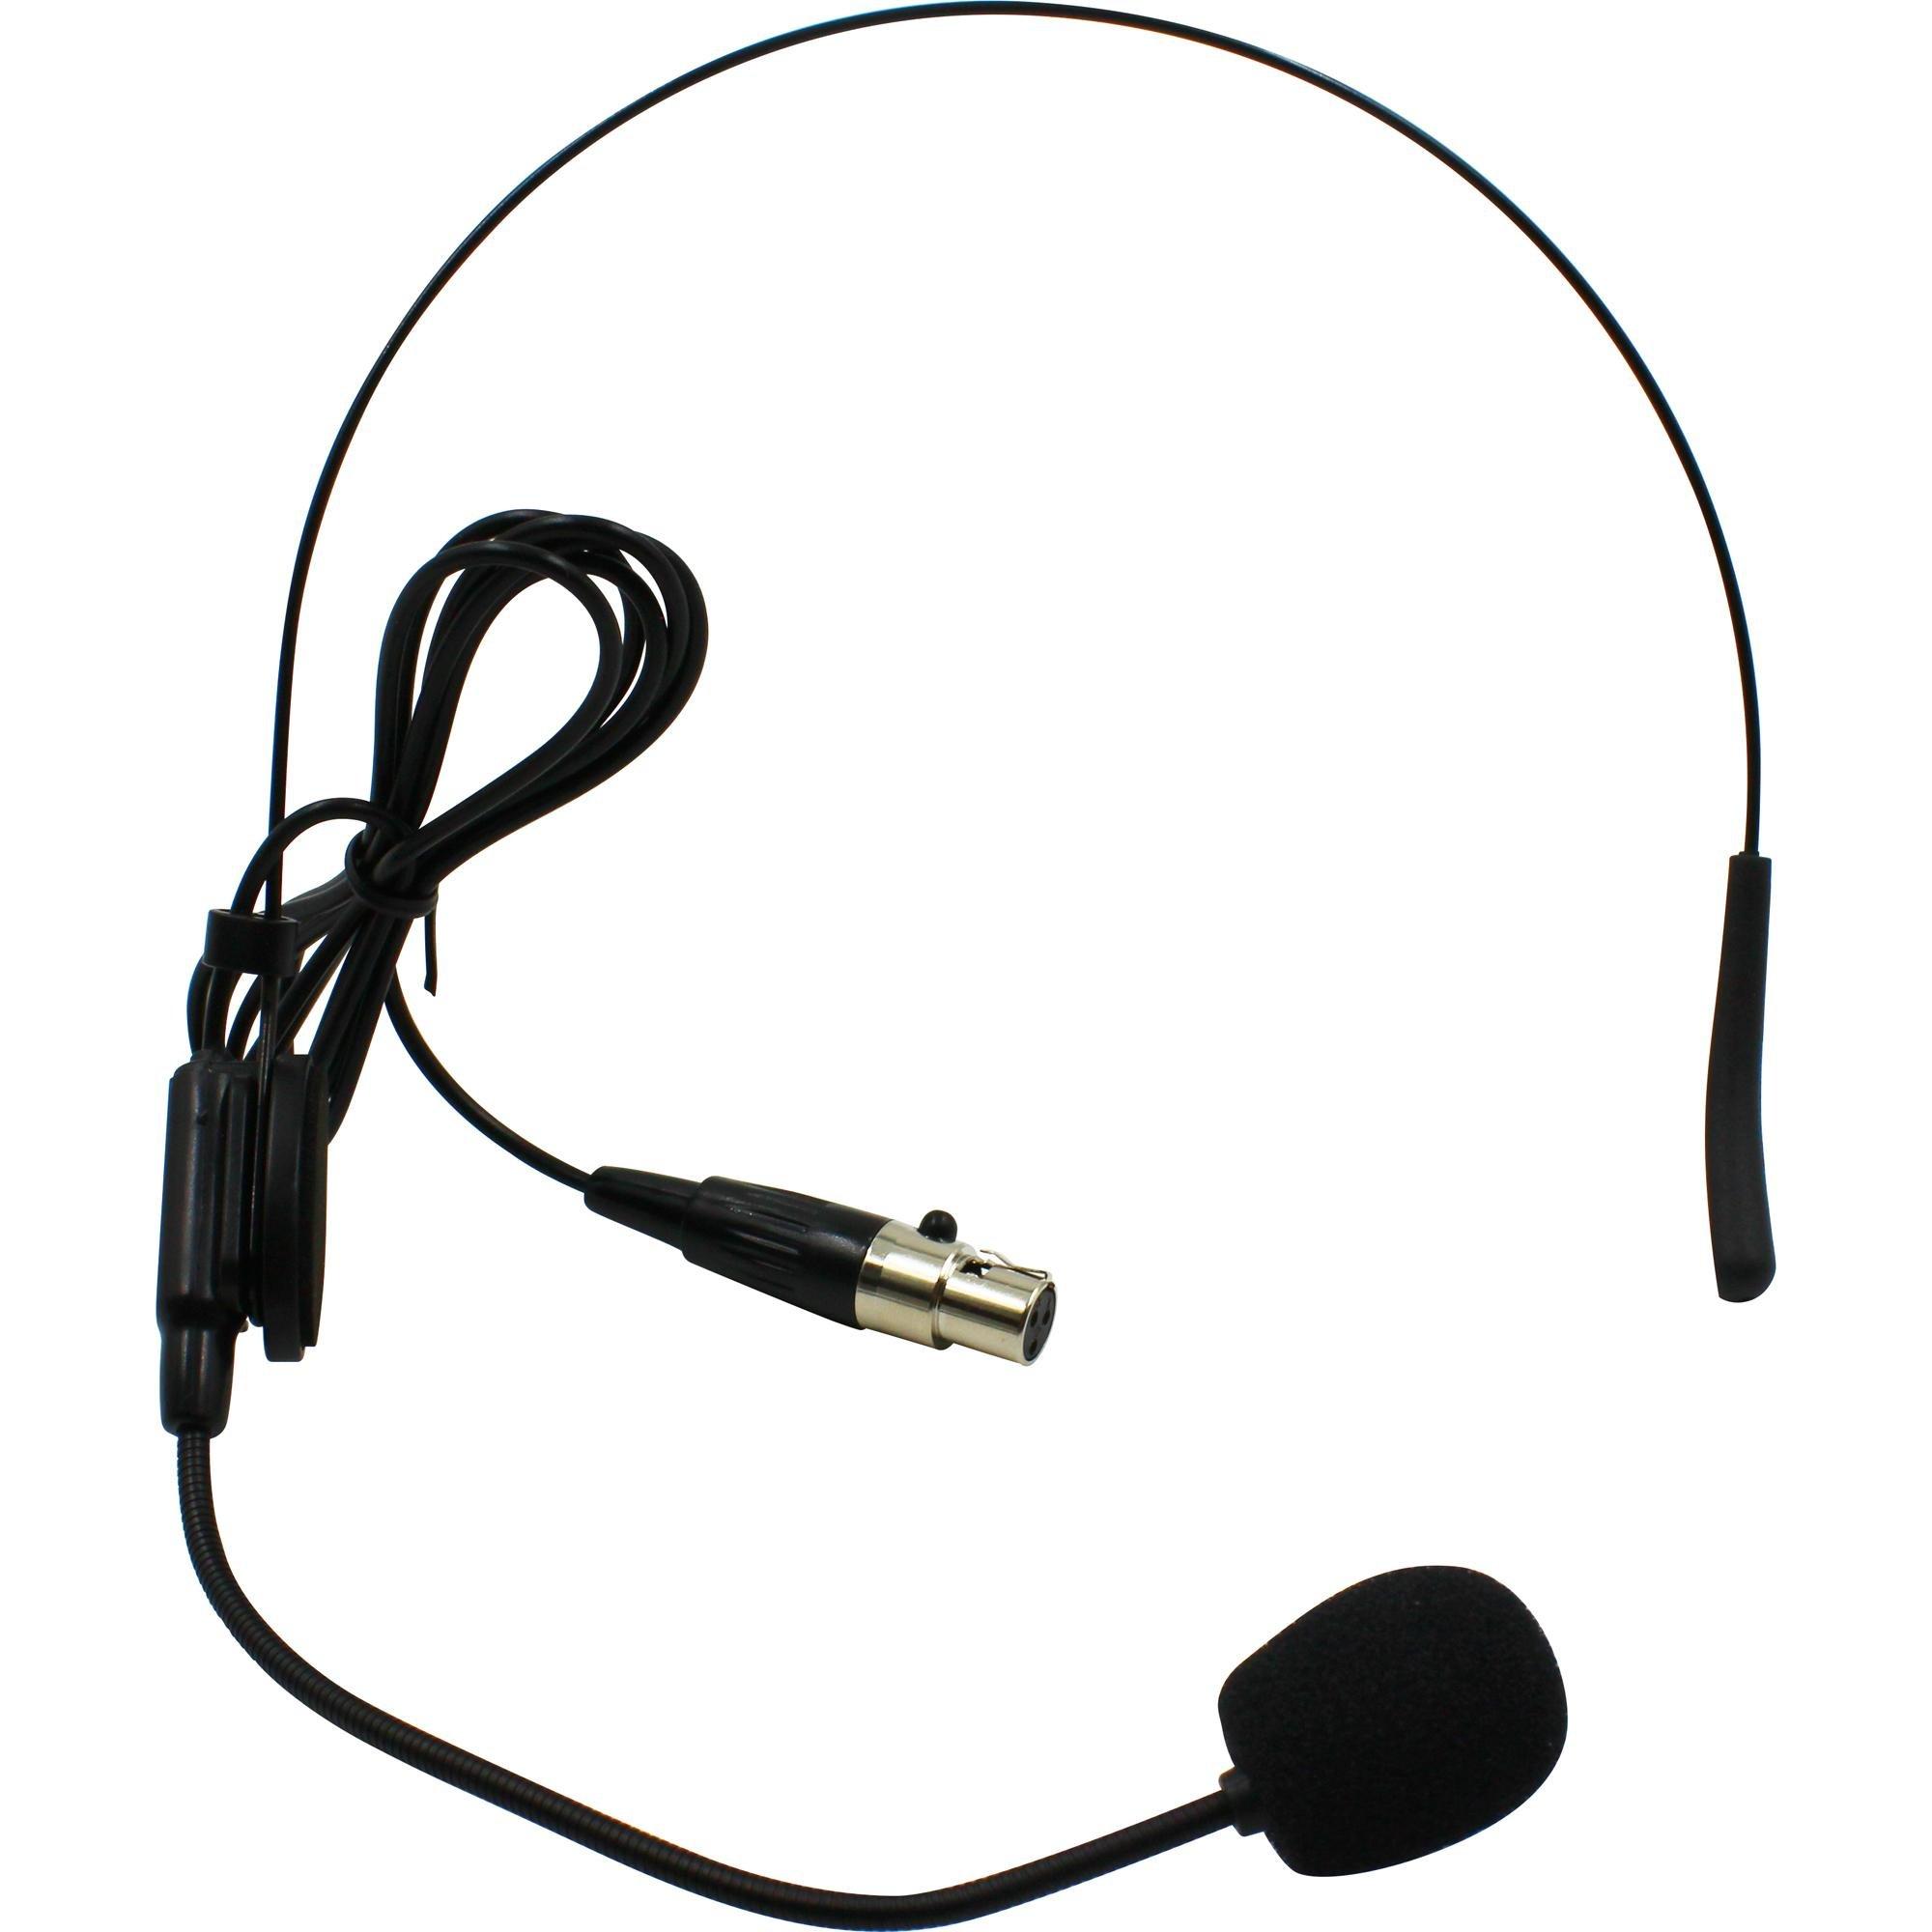 Microfone Headset sem Fio HD 750SF Preto LESON